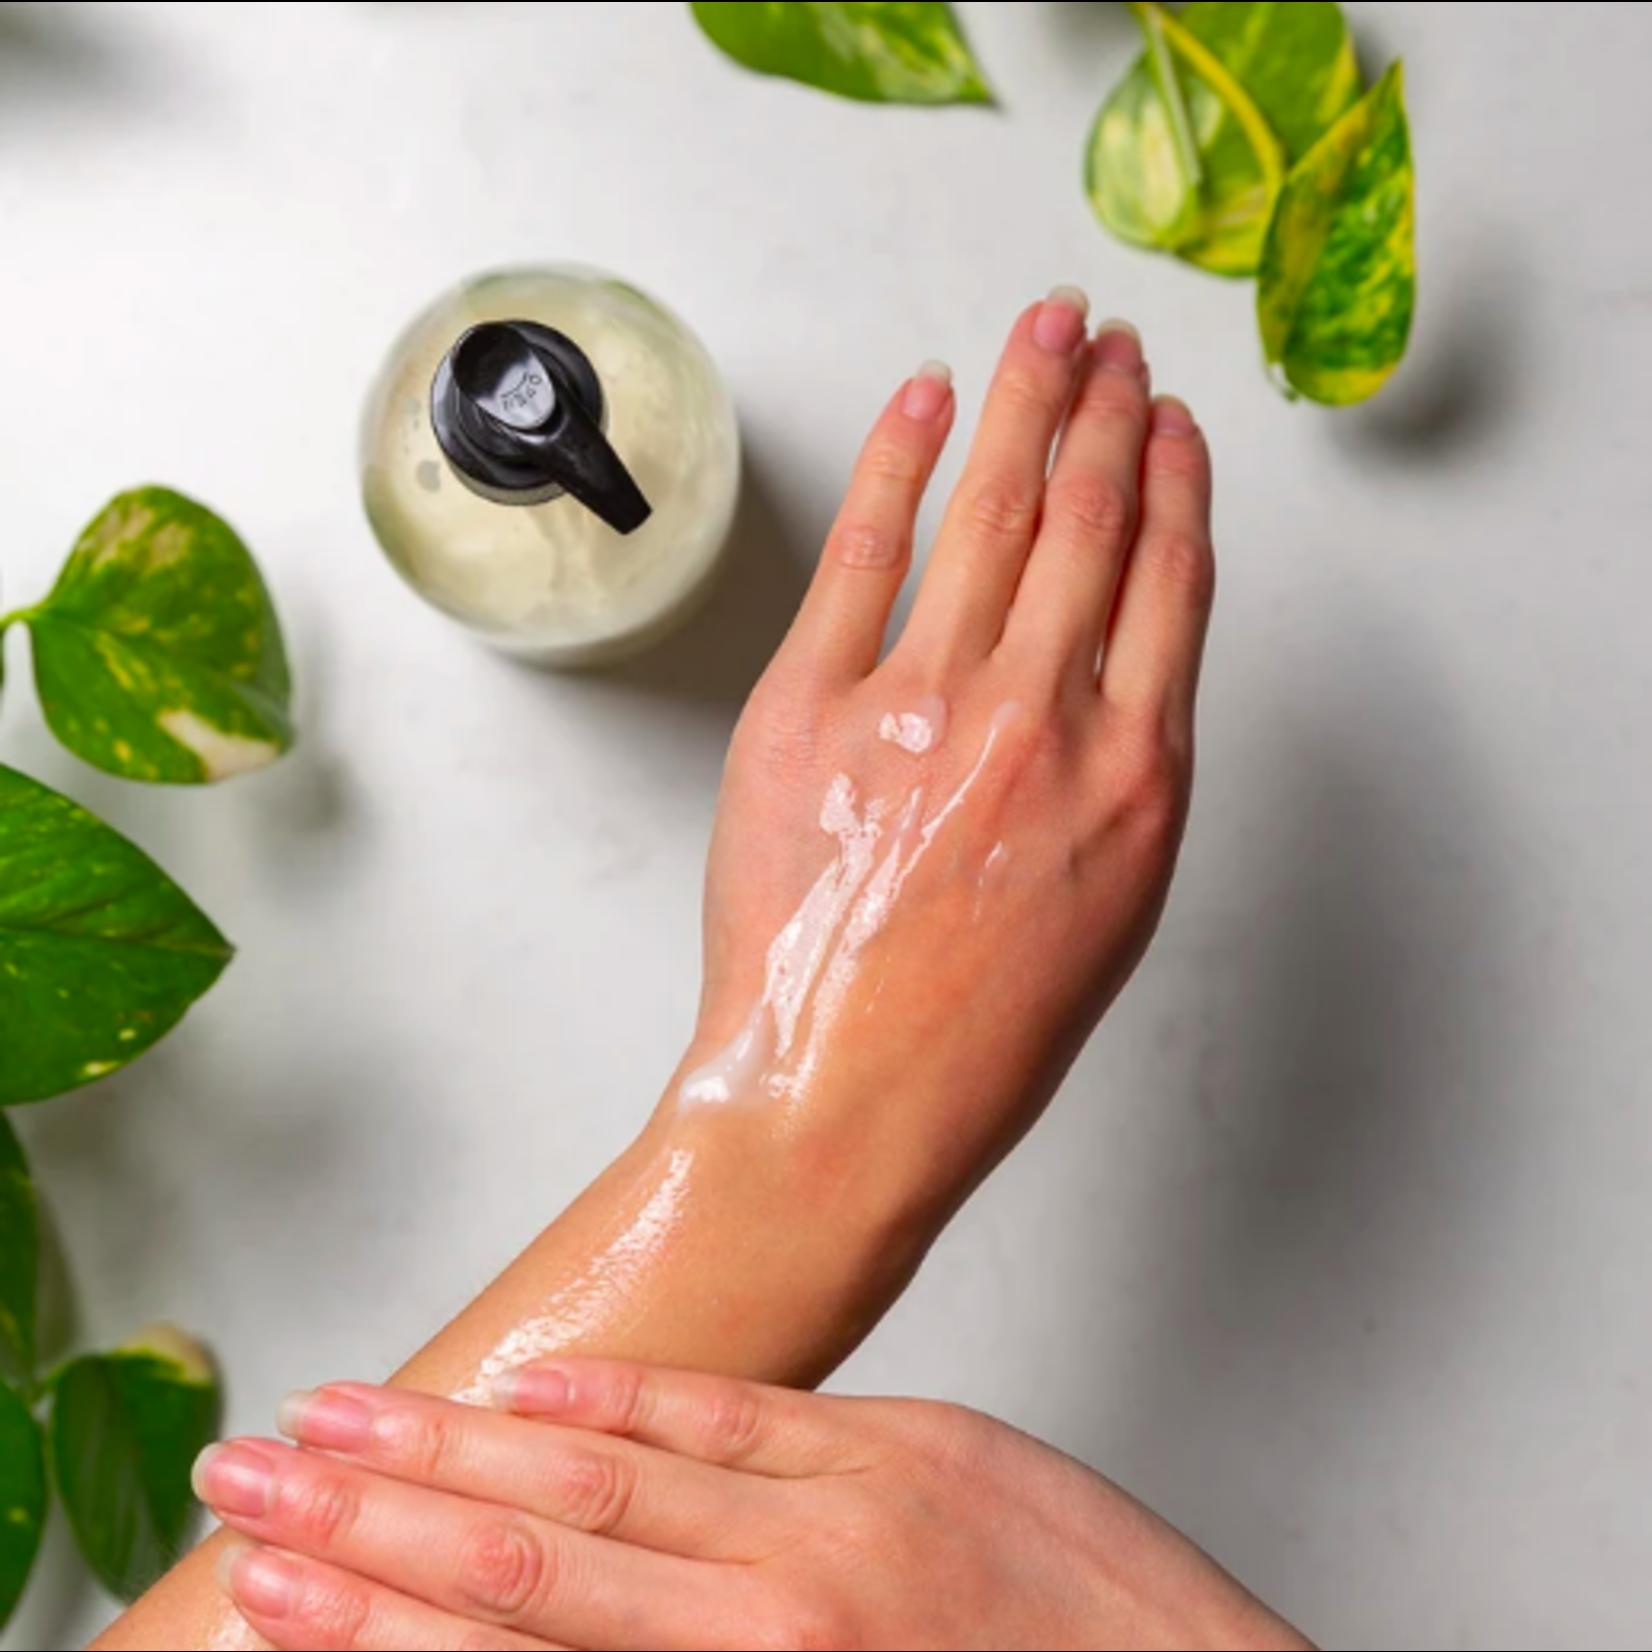 Ethique Ethique Gentle Body Lotion Concentrate - Unscented